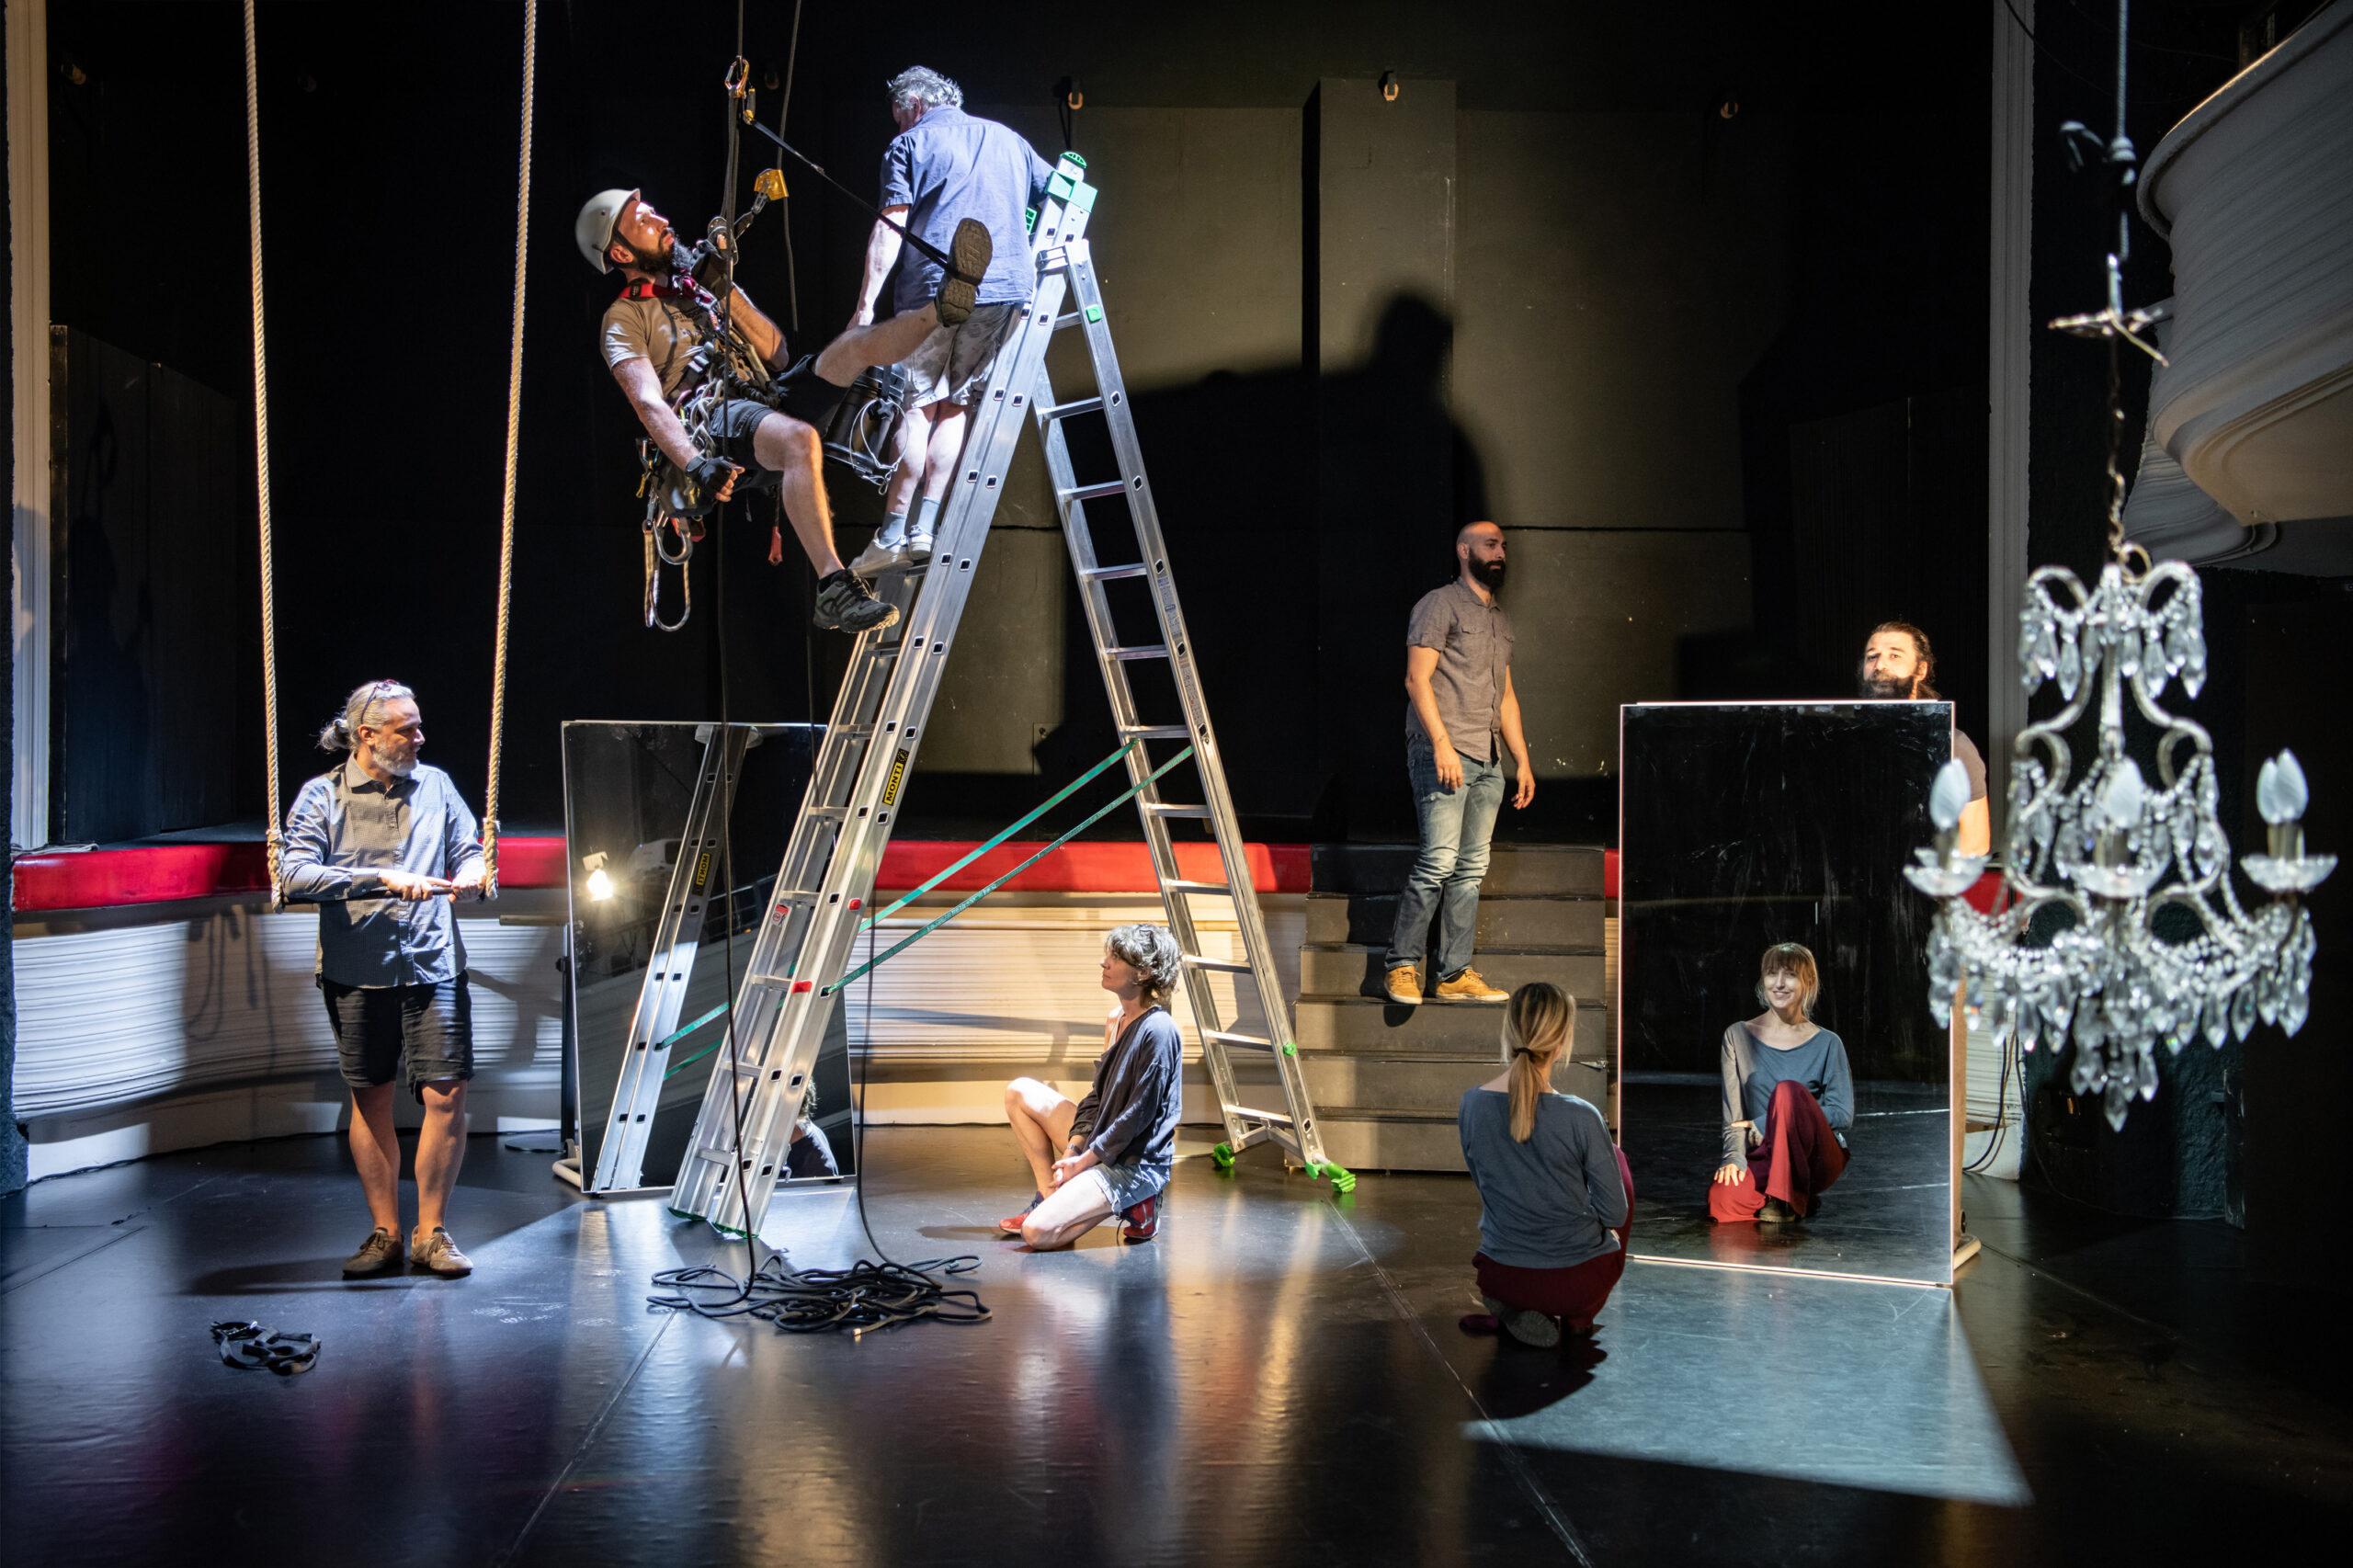 «Solo in teatro», un progetto di resistenza. Il dietro le quinte e gli spettacoli tutti online